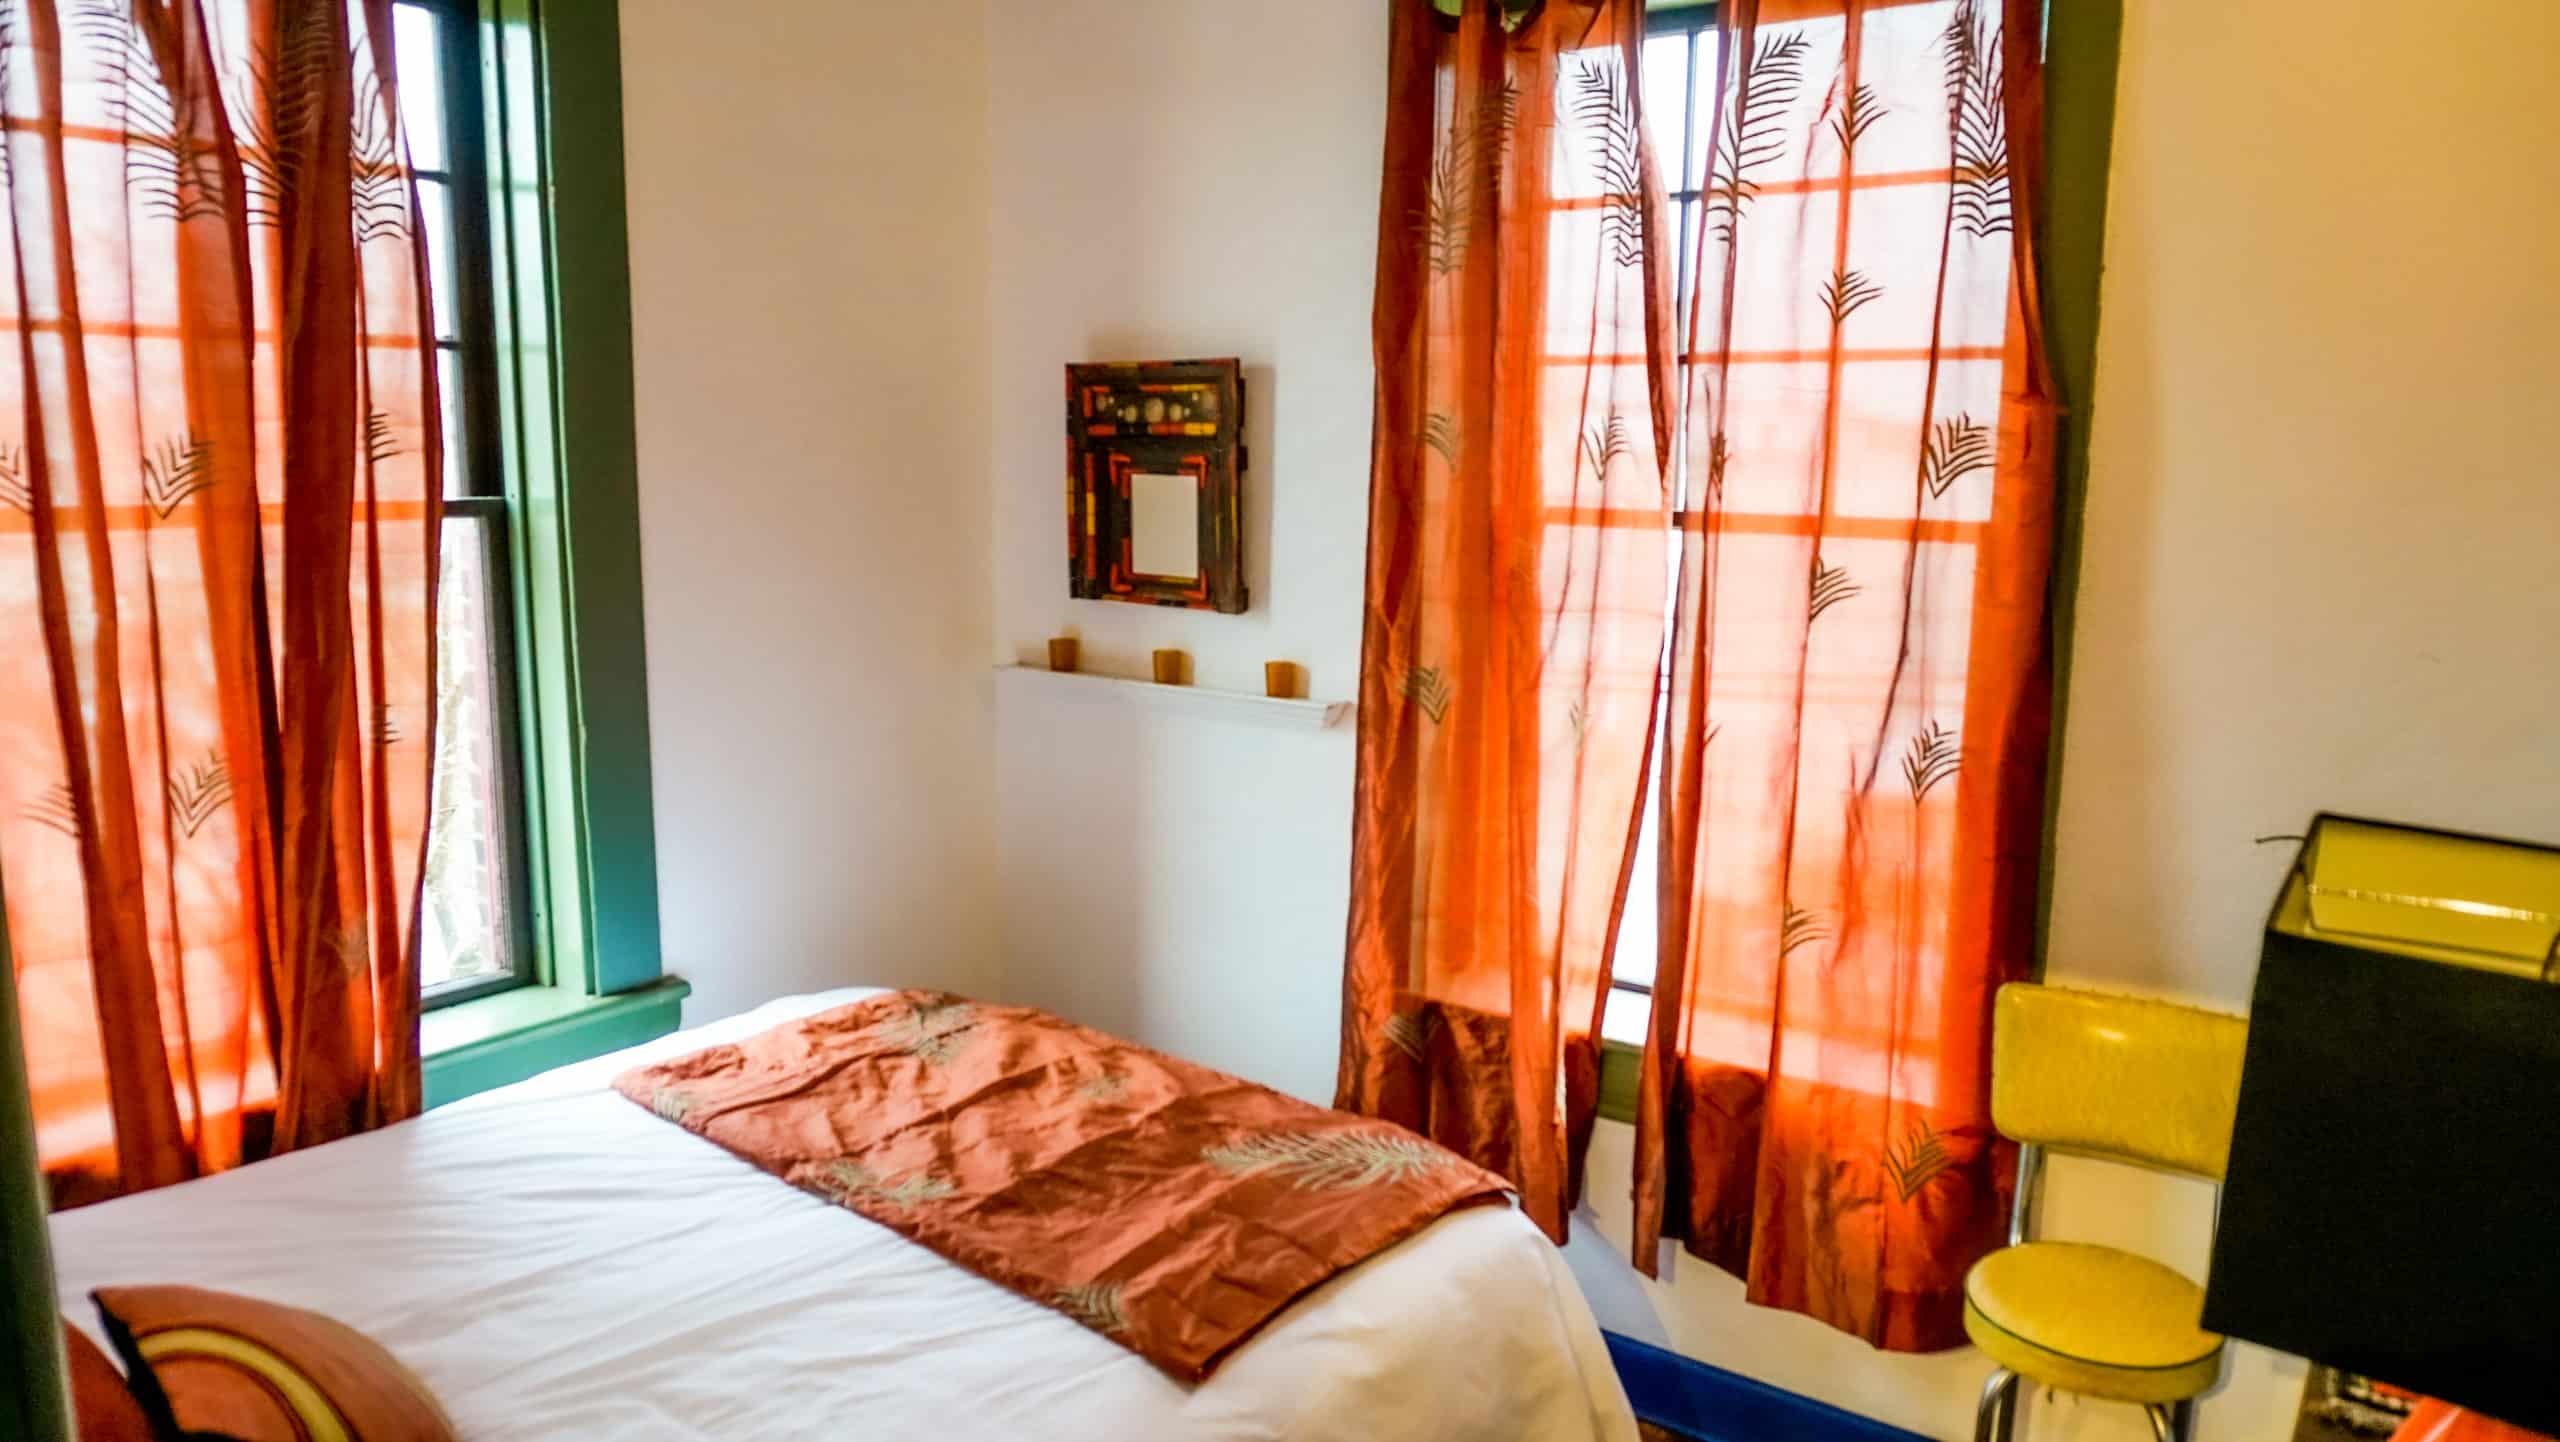 Designer Apartment Rental in Providence, RI Bedroom